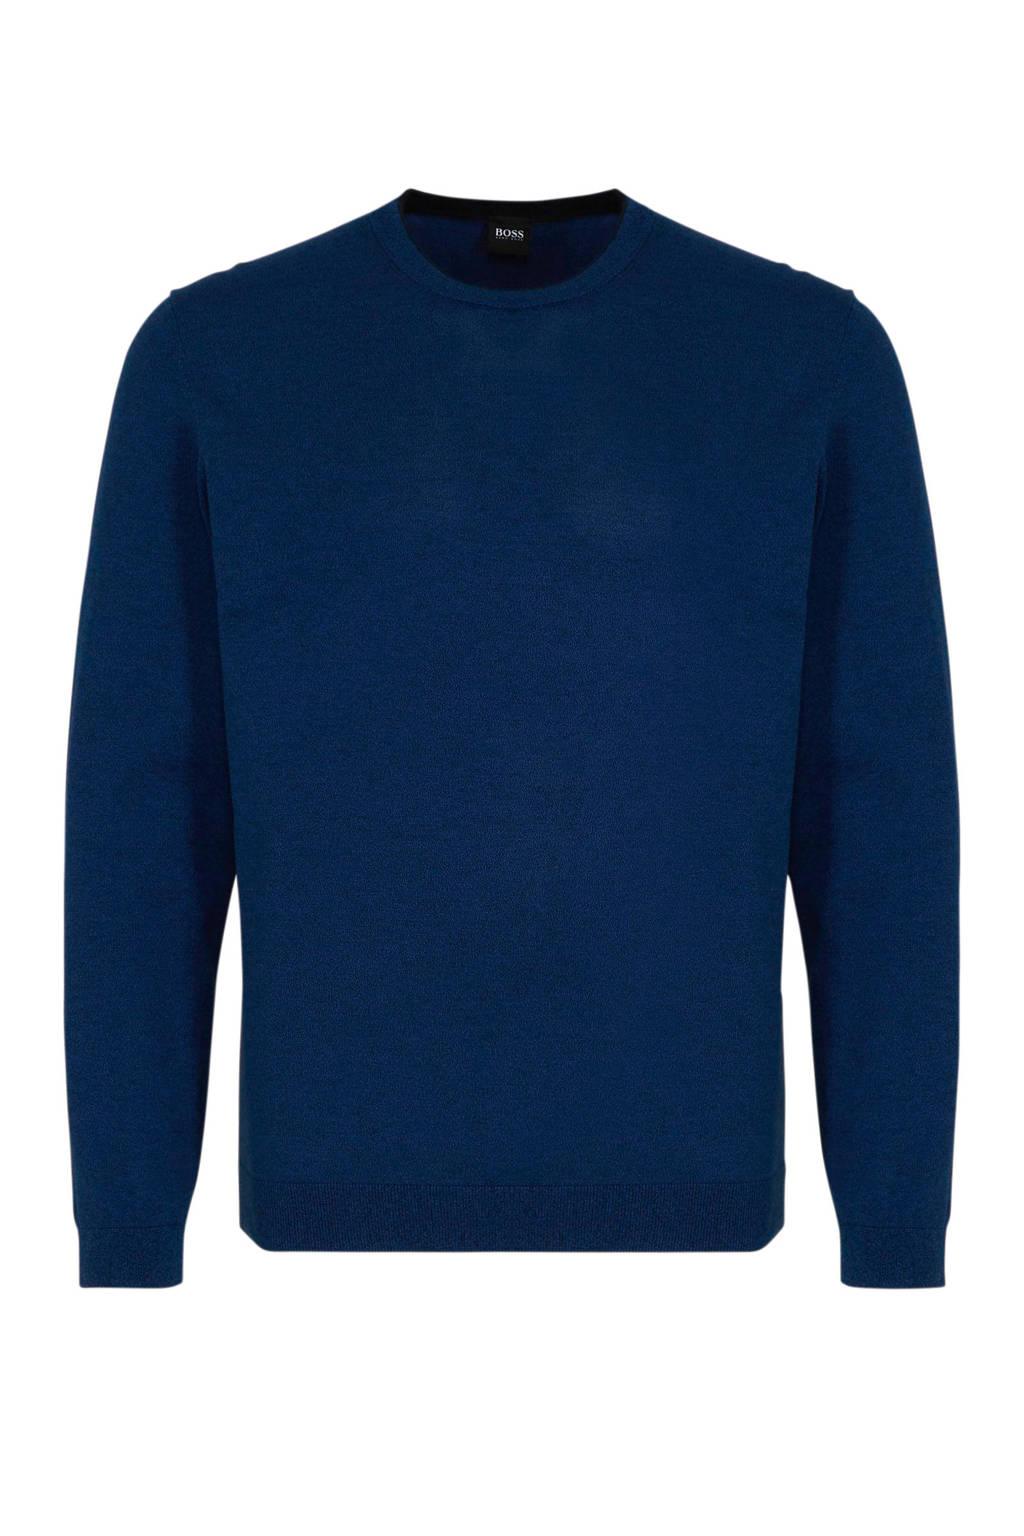 BOSS Menswear gemêleerde trui donkerblauw, Donkerblauw